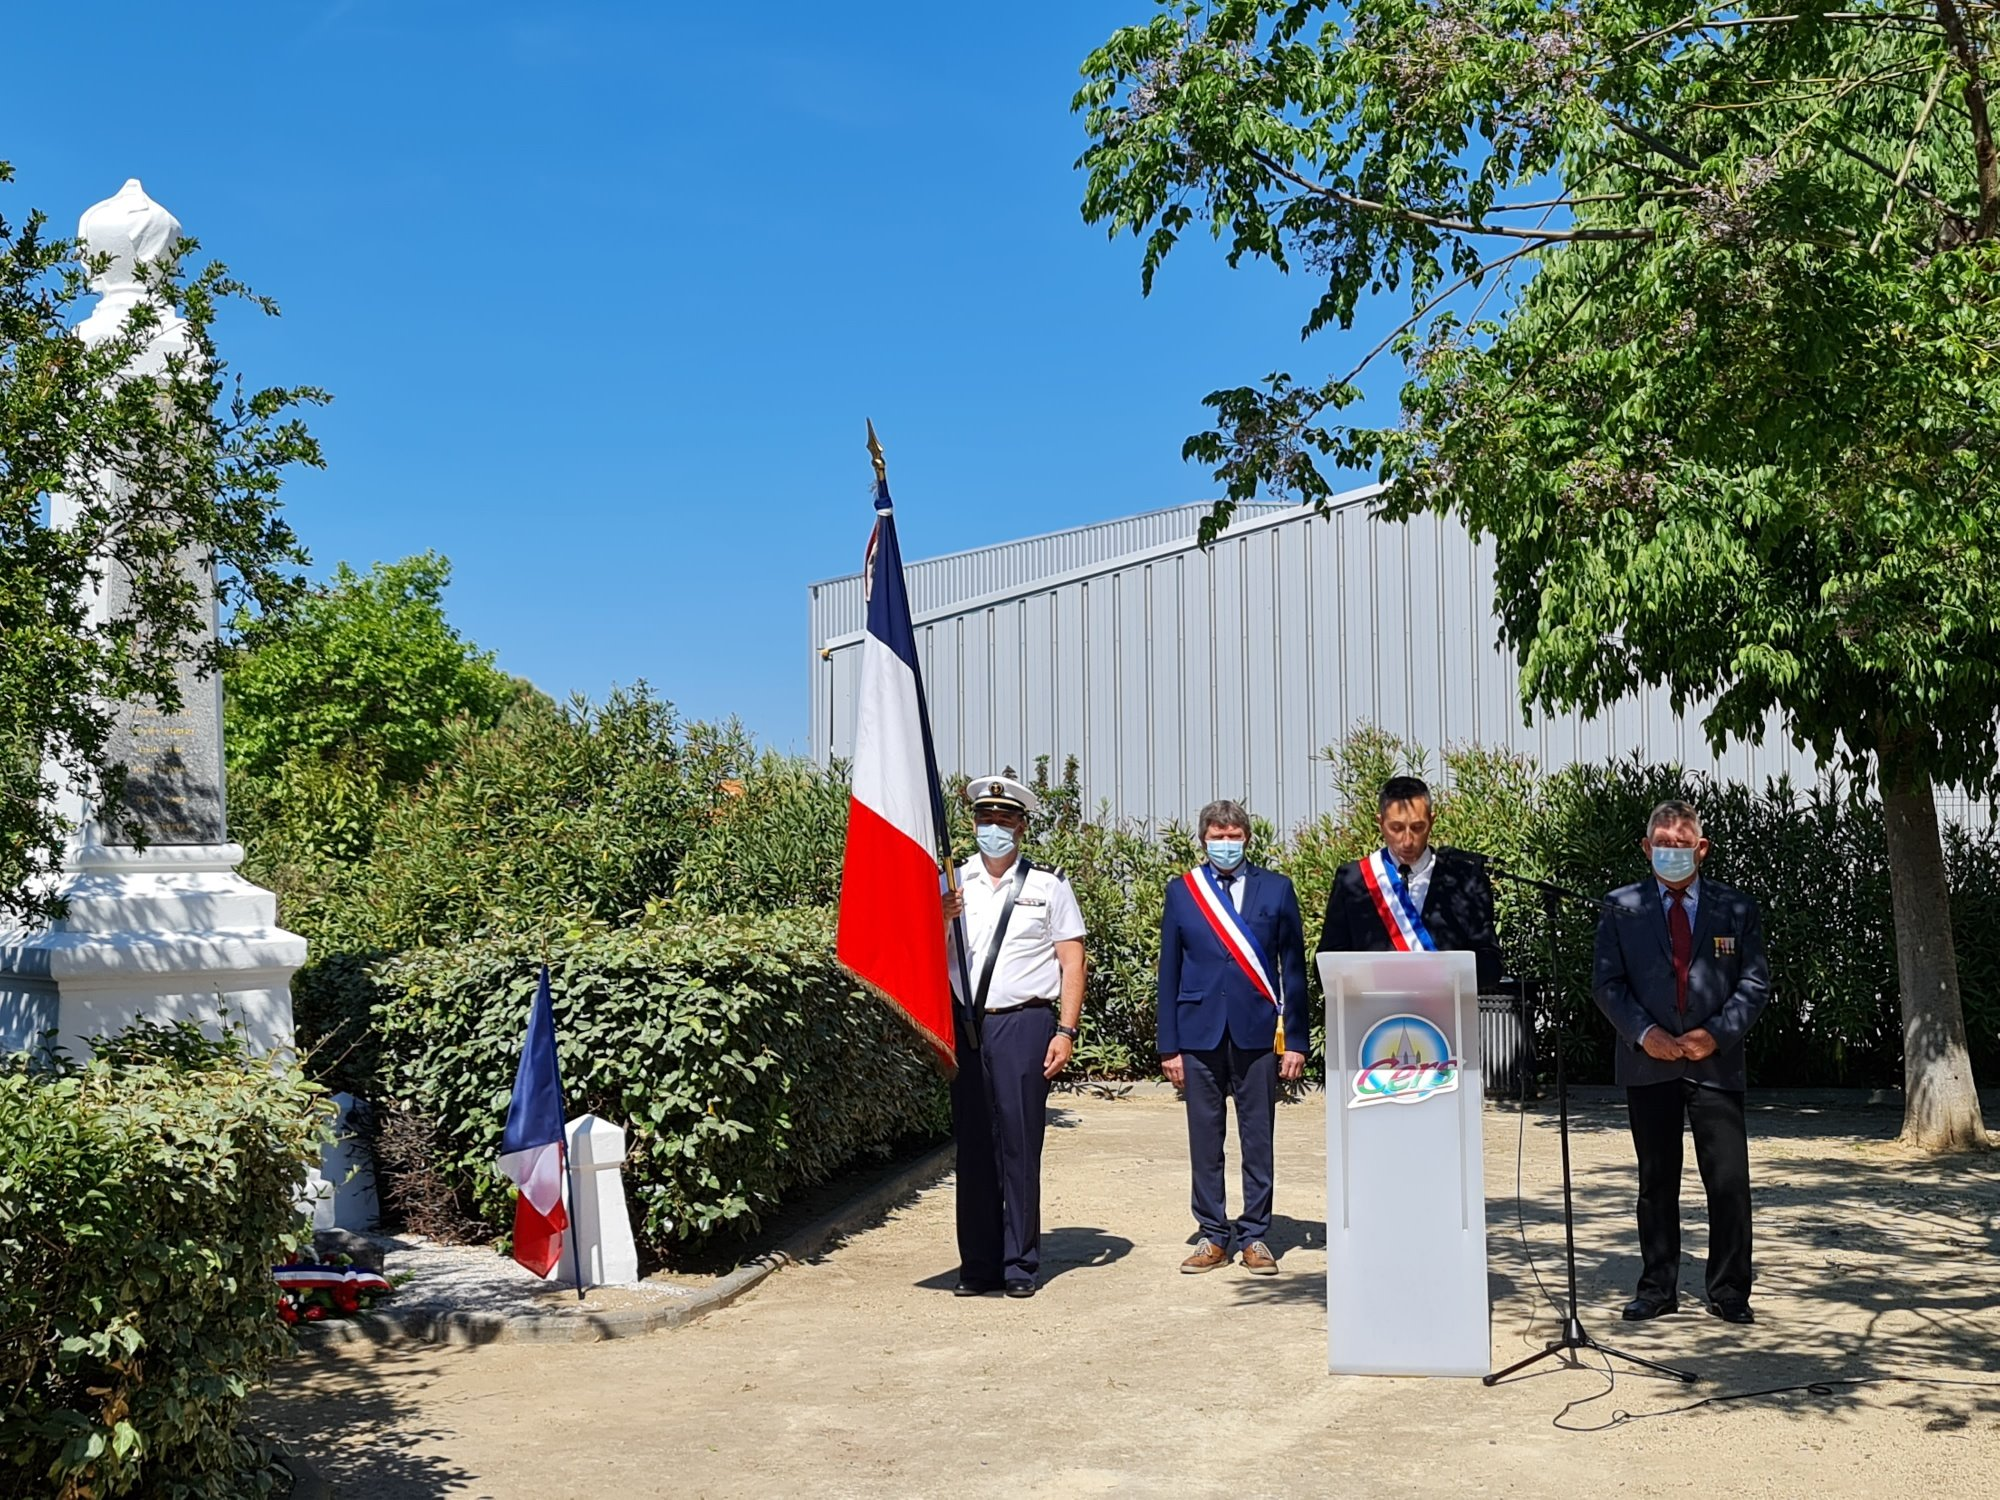 Commémoration du 8 mai : discours du Maire, Didier Bresson